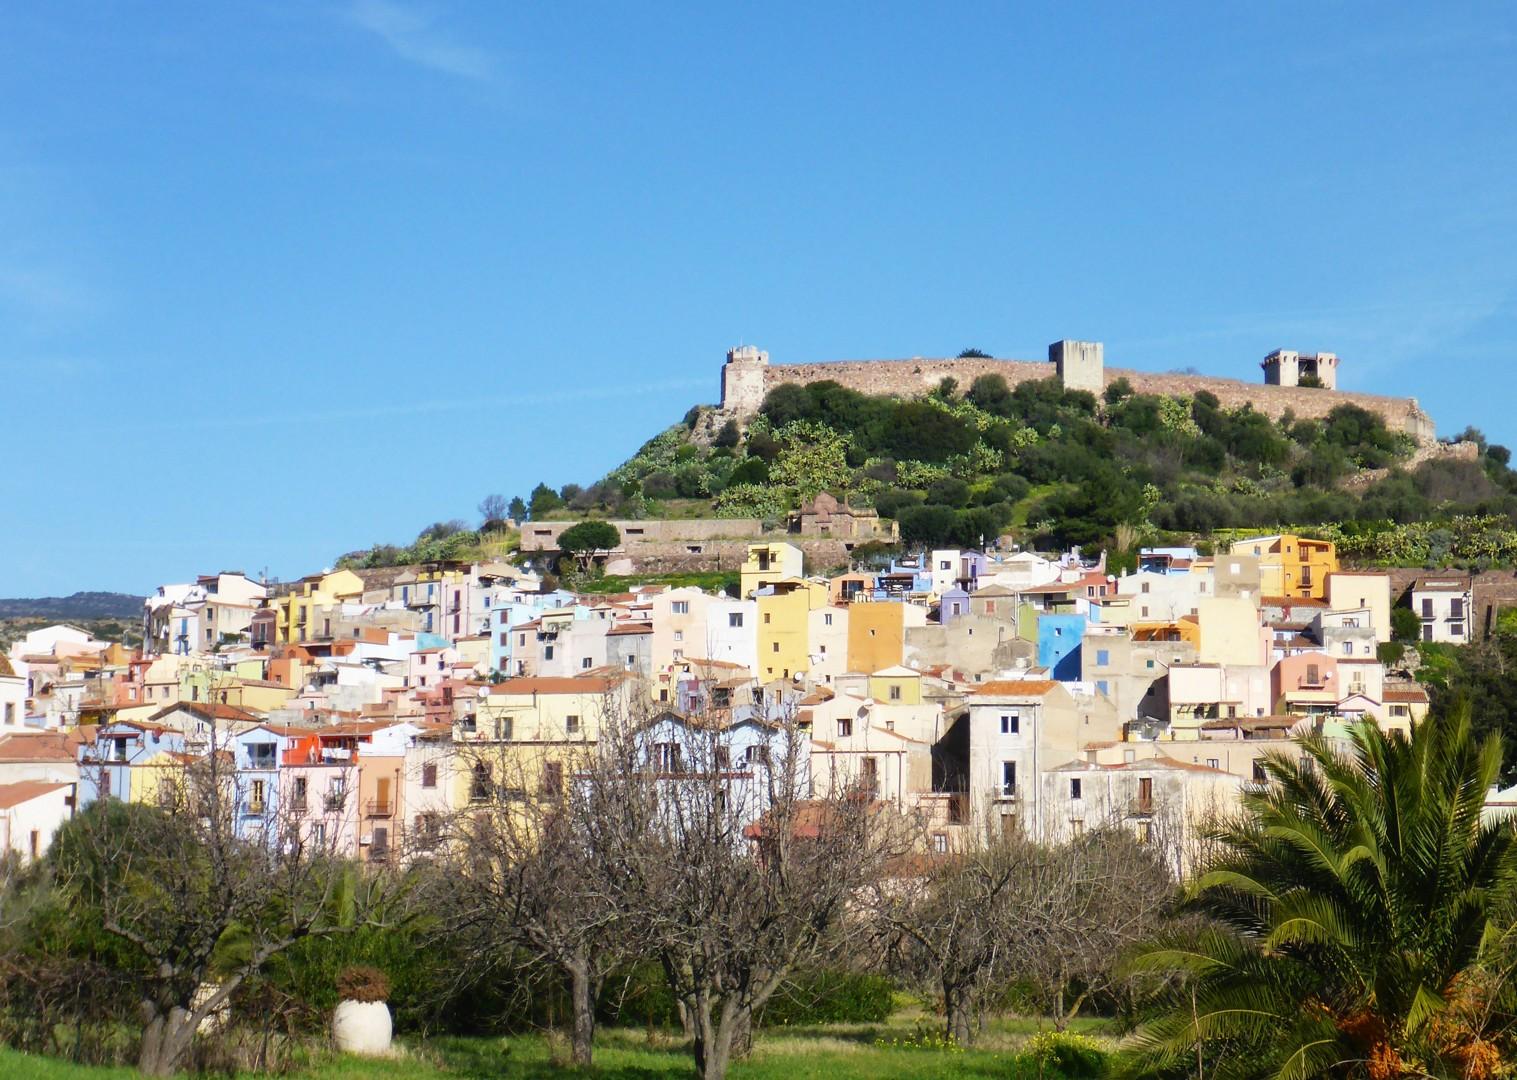 sardinia-leisure-cycling-holiday.jpg - Italy - Sardinia - West Coast Wonders - Self-Guided Leisure Cycling Holiday - Leisure Cycling